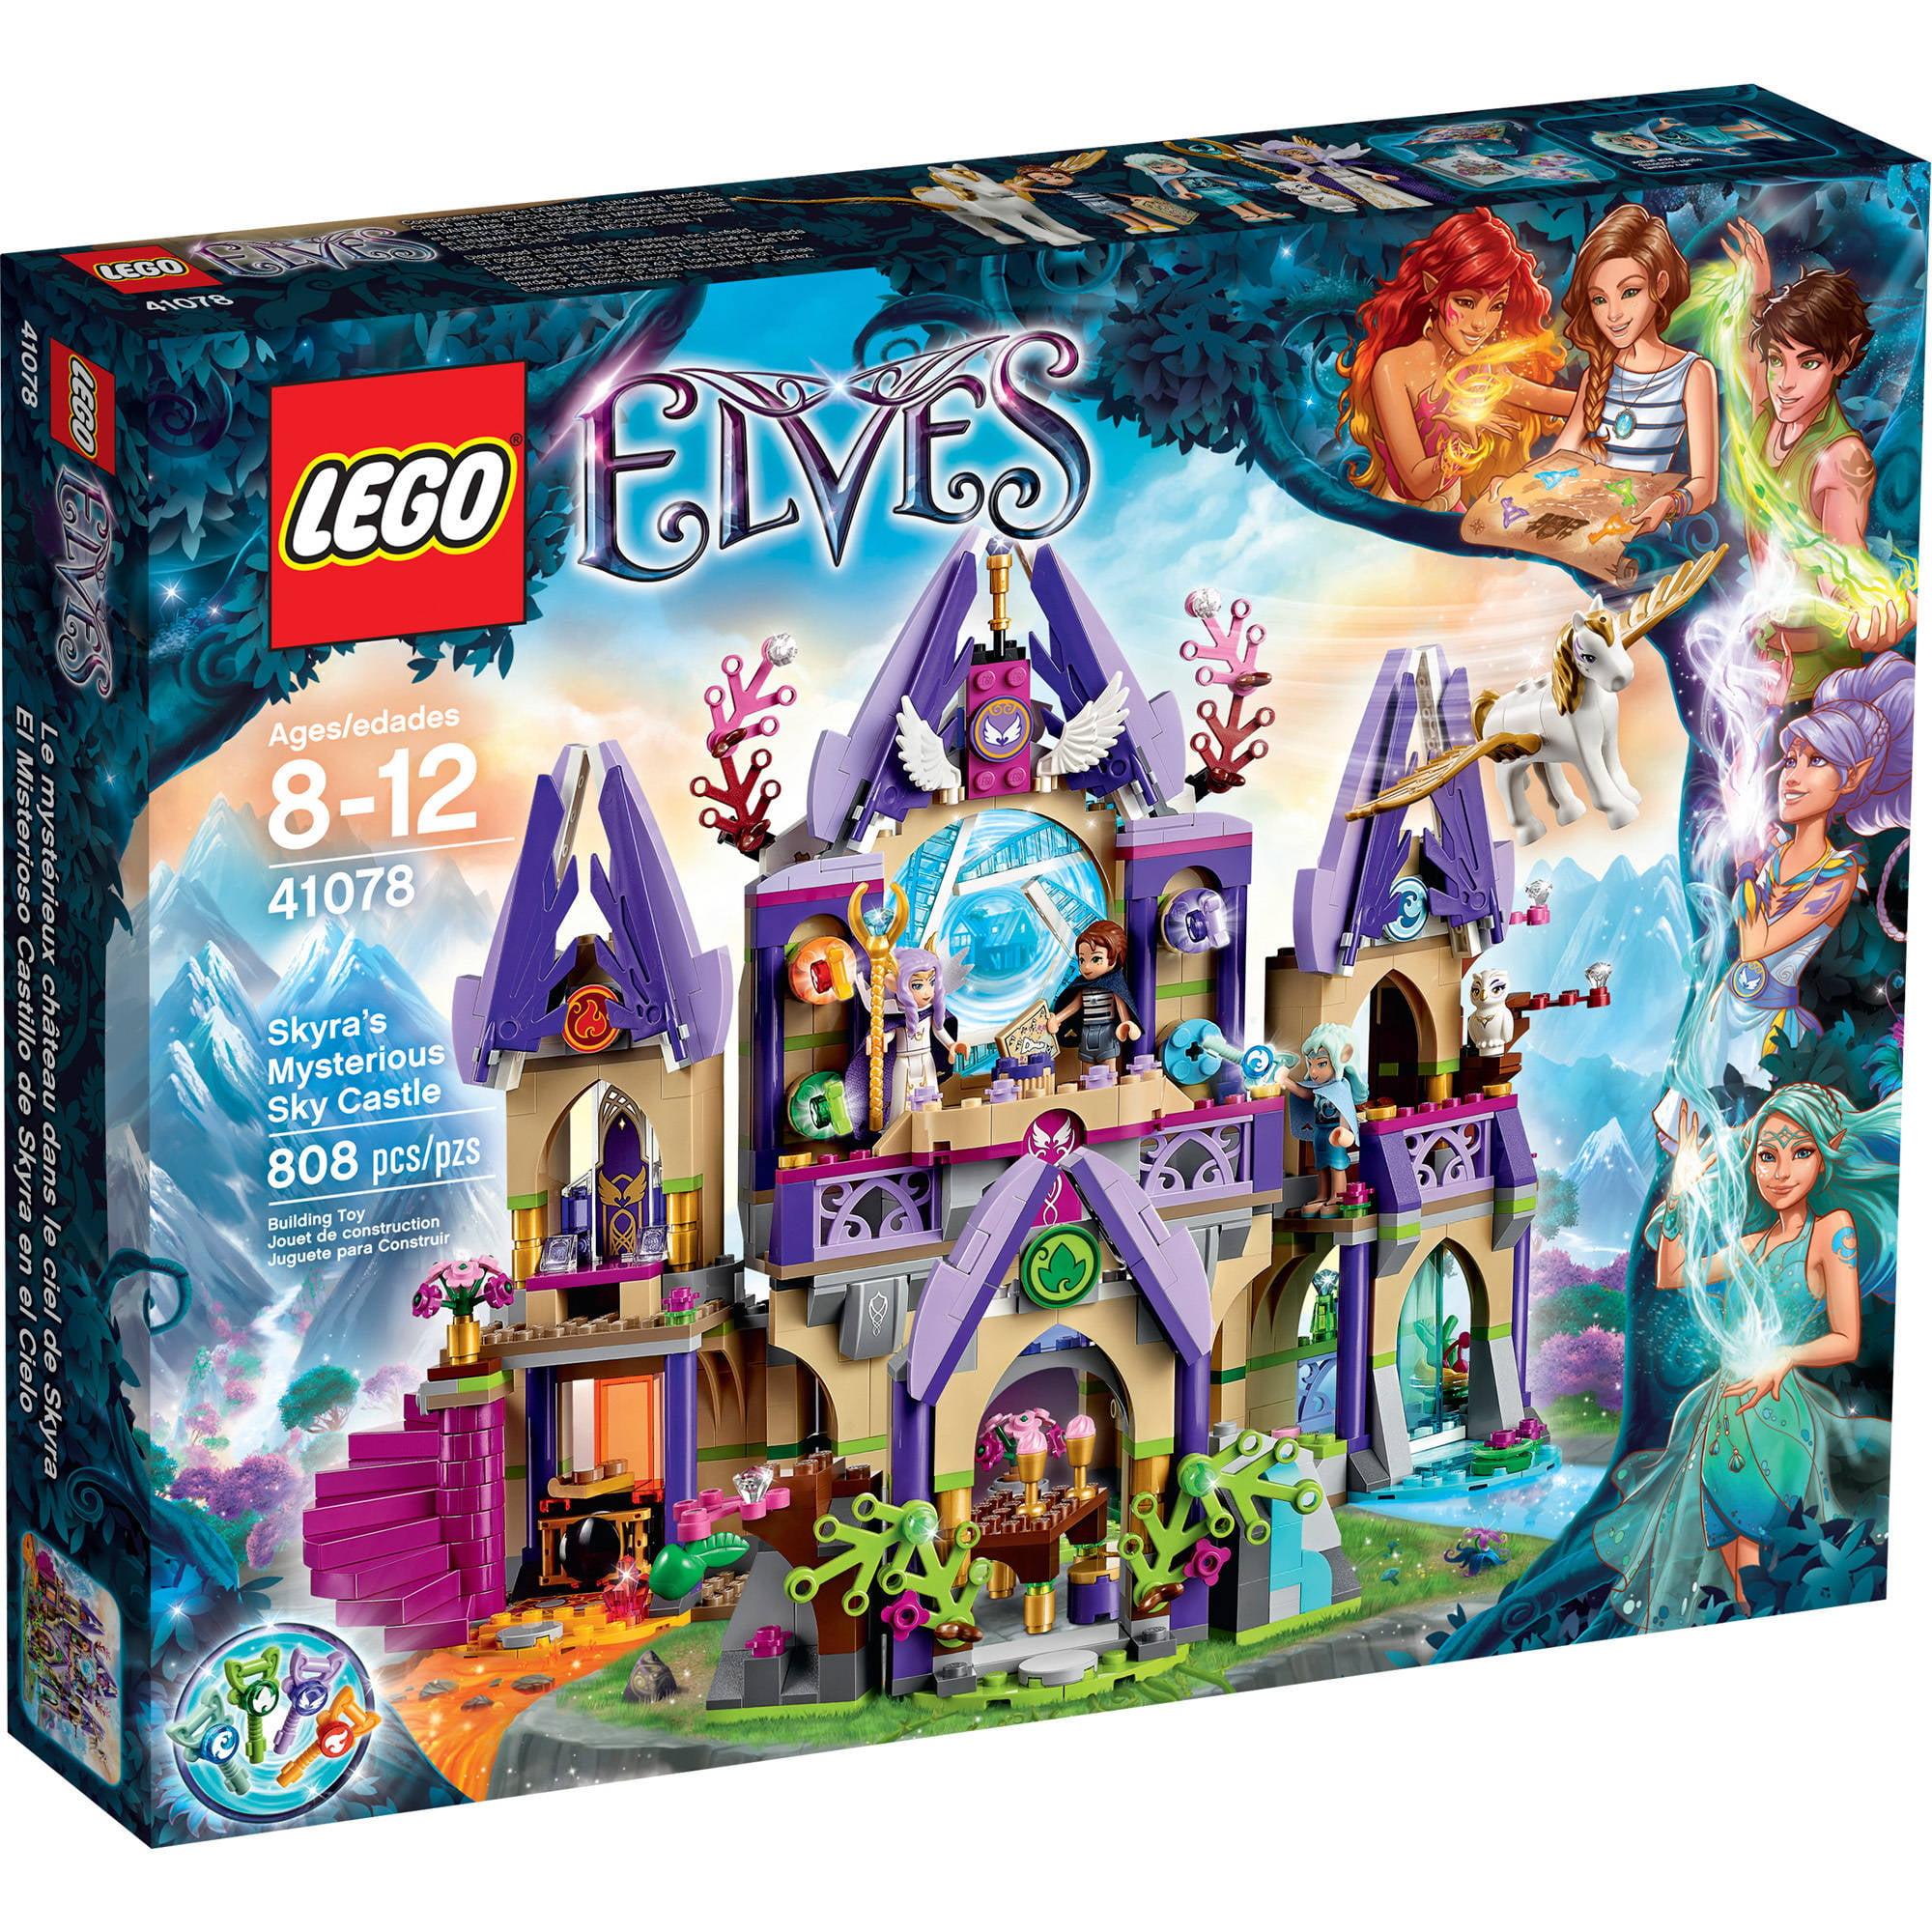 LEGO Elves Skyra's Mysterious Sky Castle, 41078